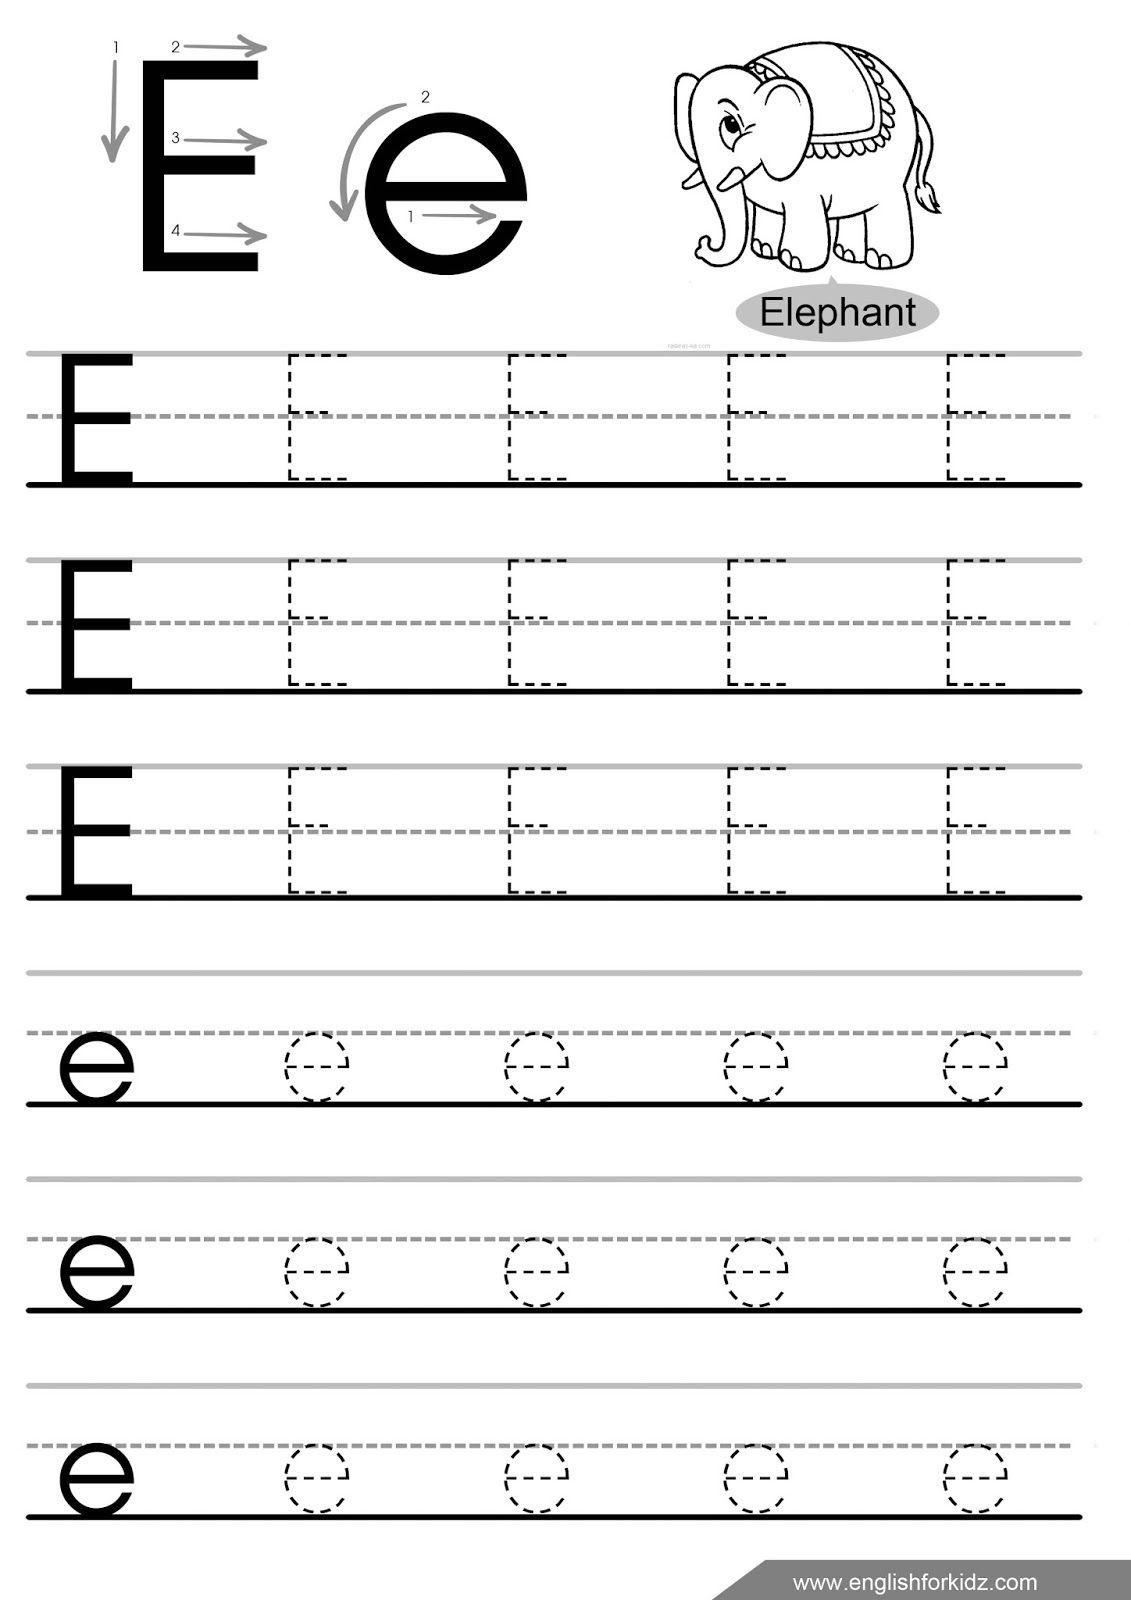 Letter Tracing Worksheets Letters A J | Letter Worksheets intended for Letter E Worksheets For Nursery